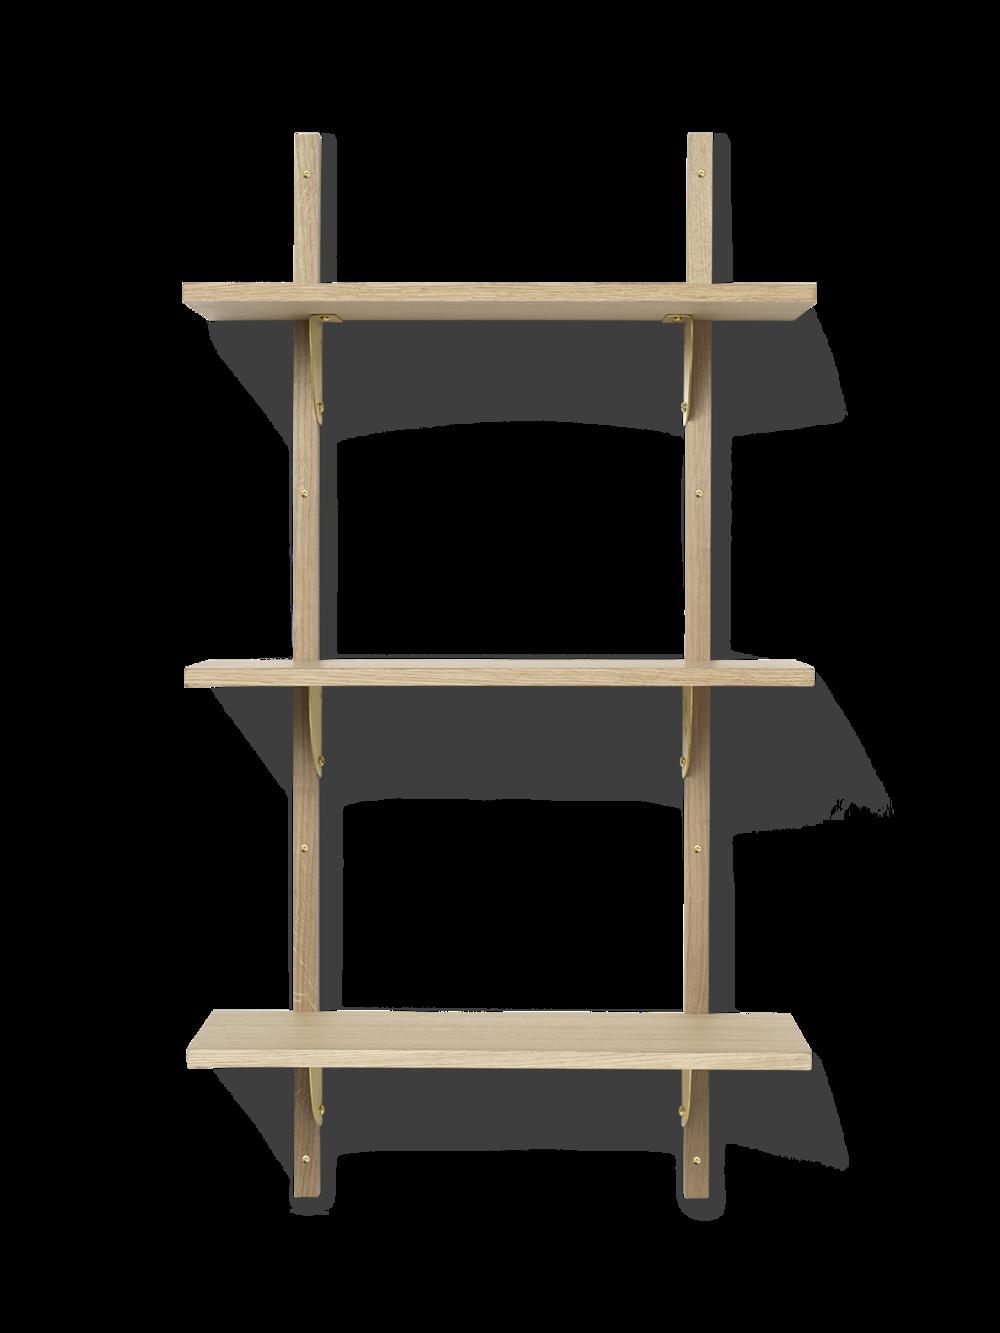 Sector Shelf - Triple - Narrow - Natural - Brass